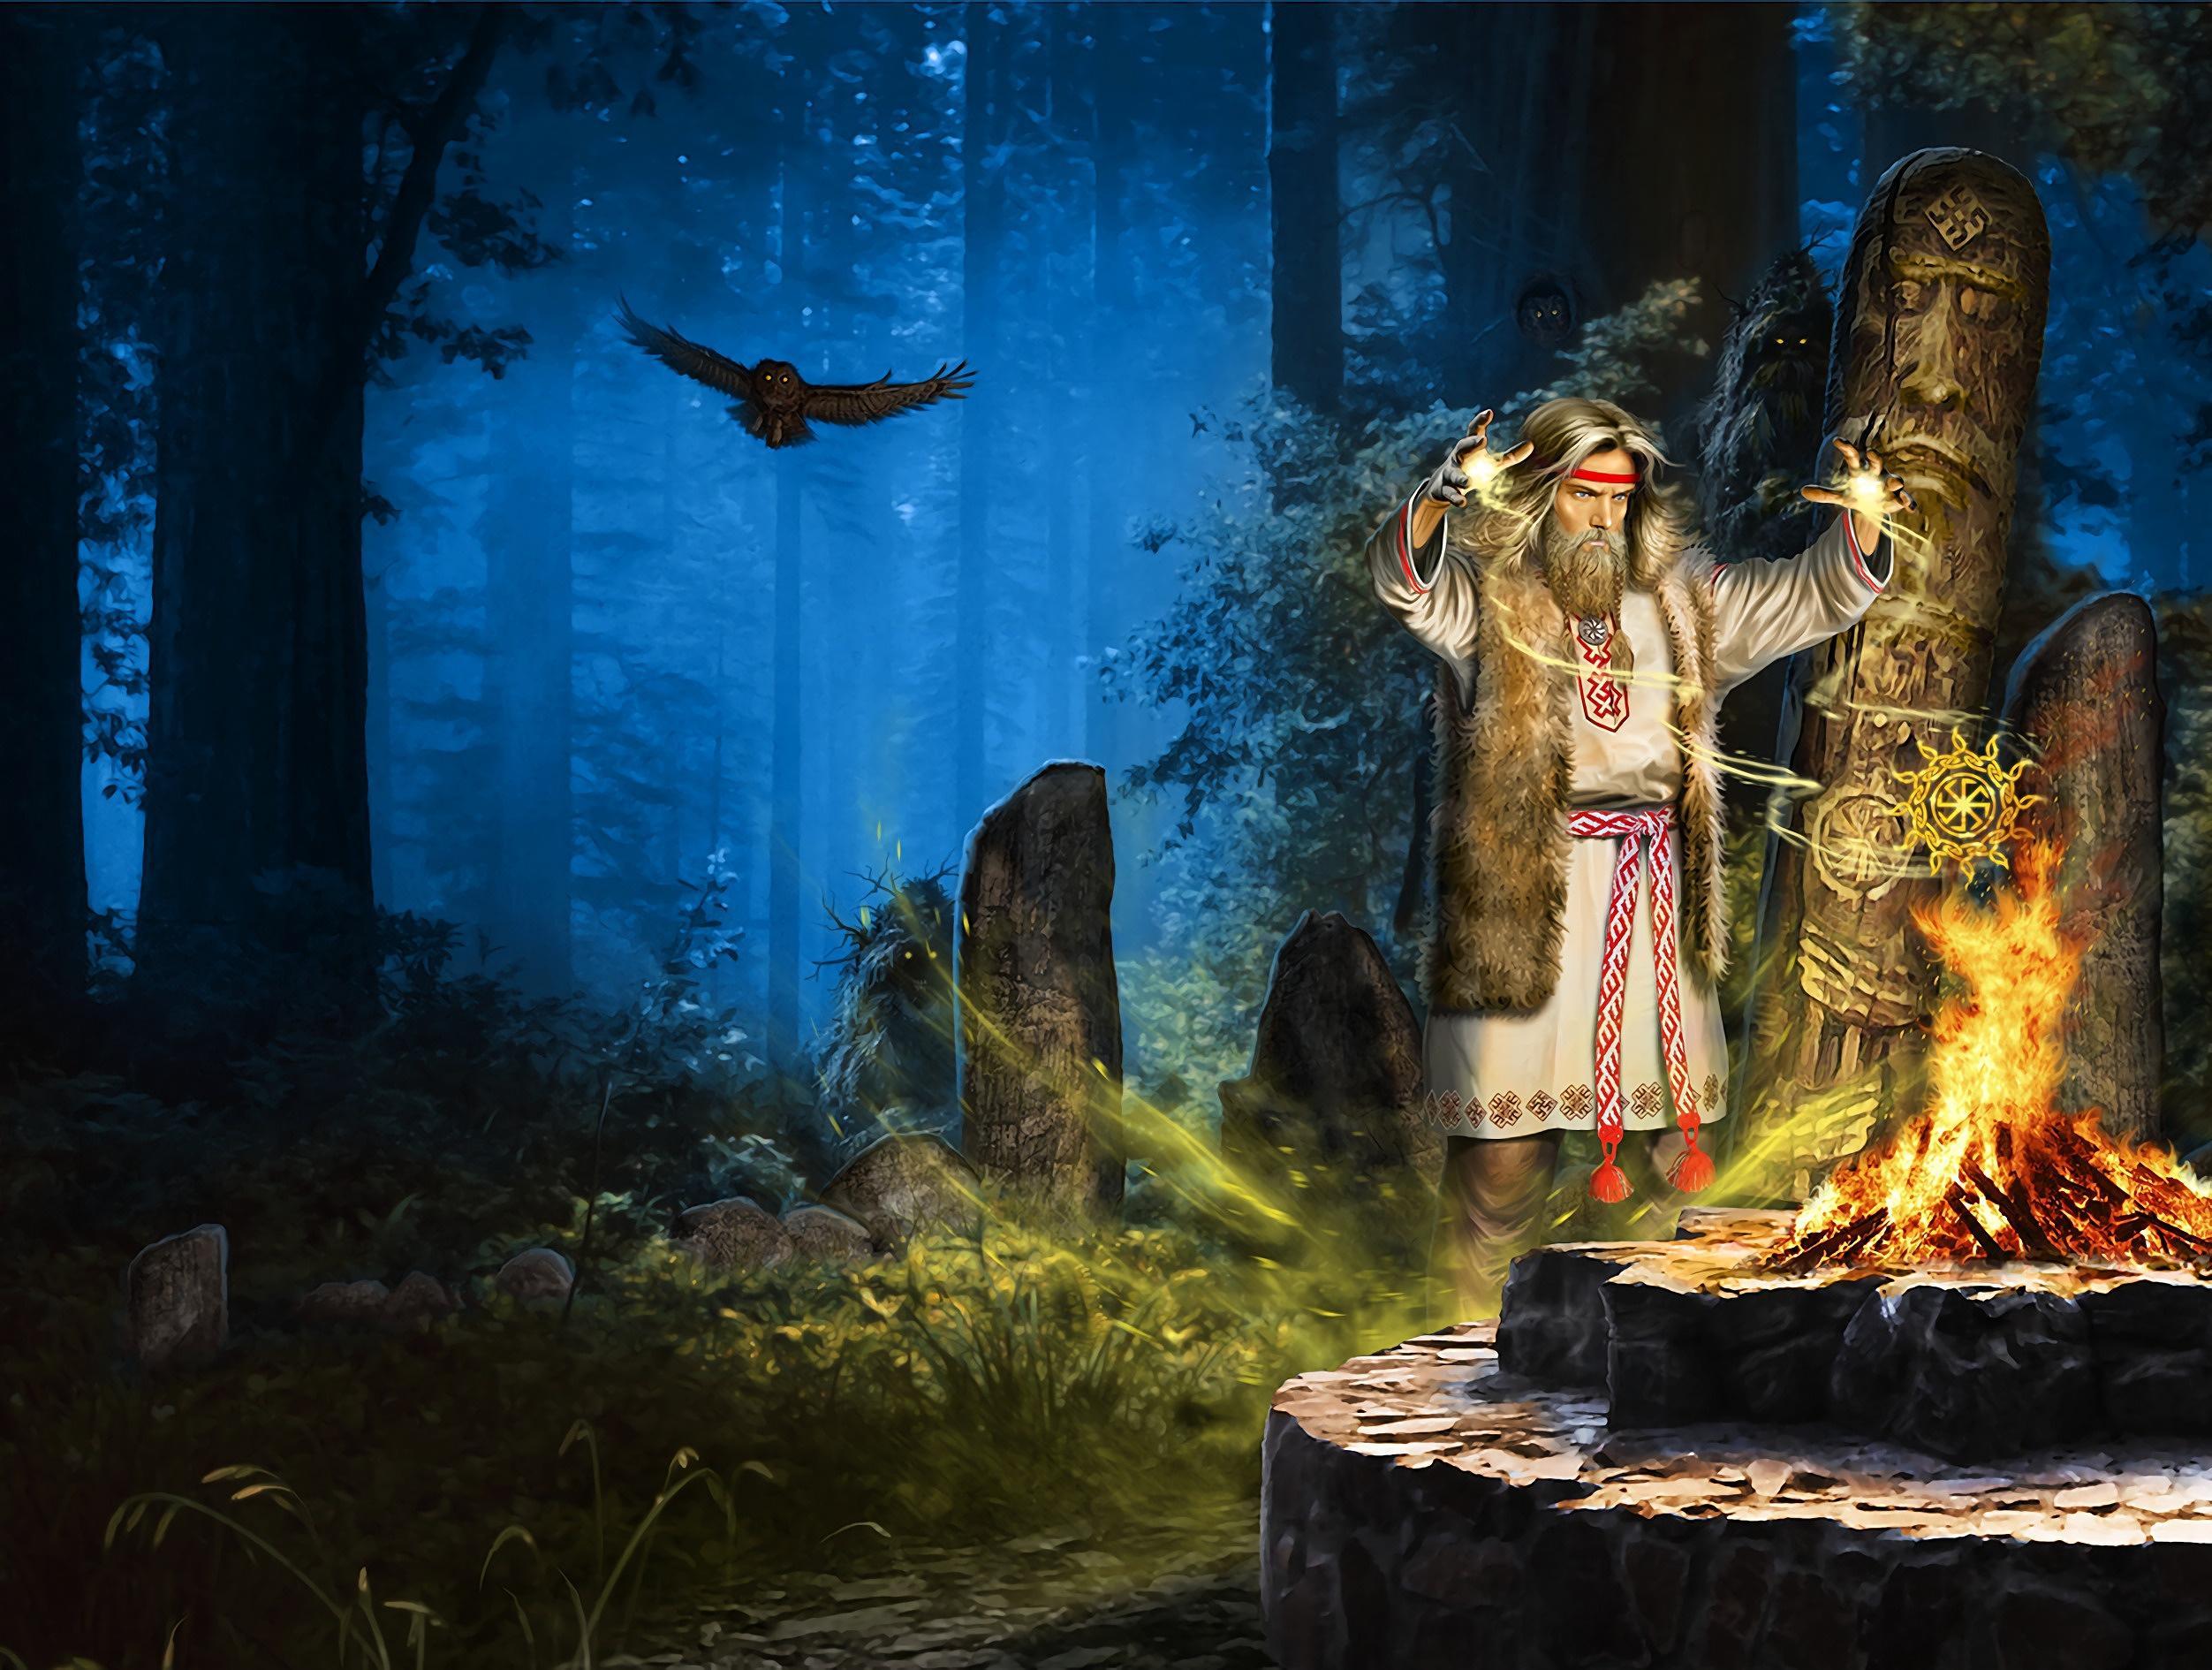 Почему атрибуты ведизма – очередной цирк? Что надо сделать, чтобы реально с богами славян разговаривать?